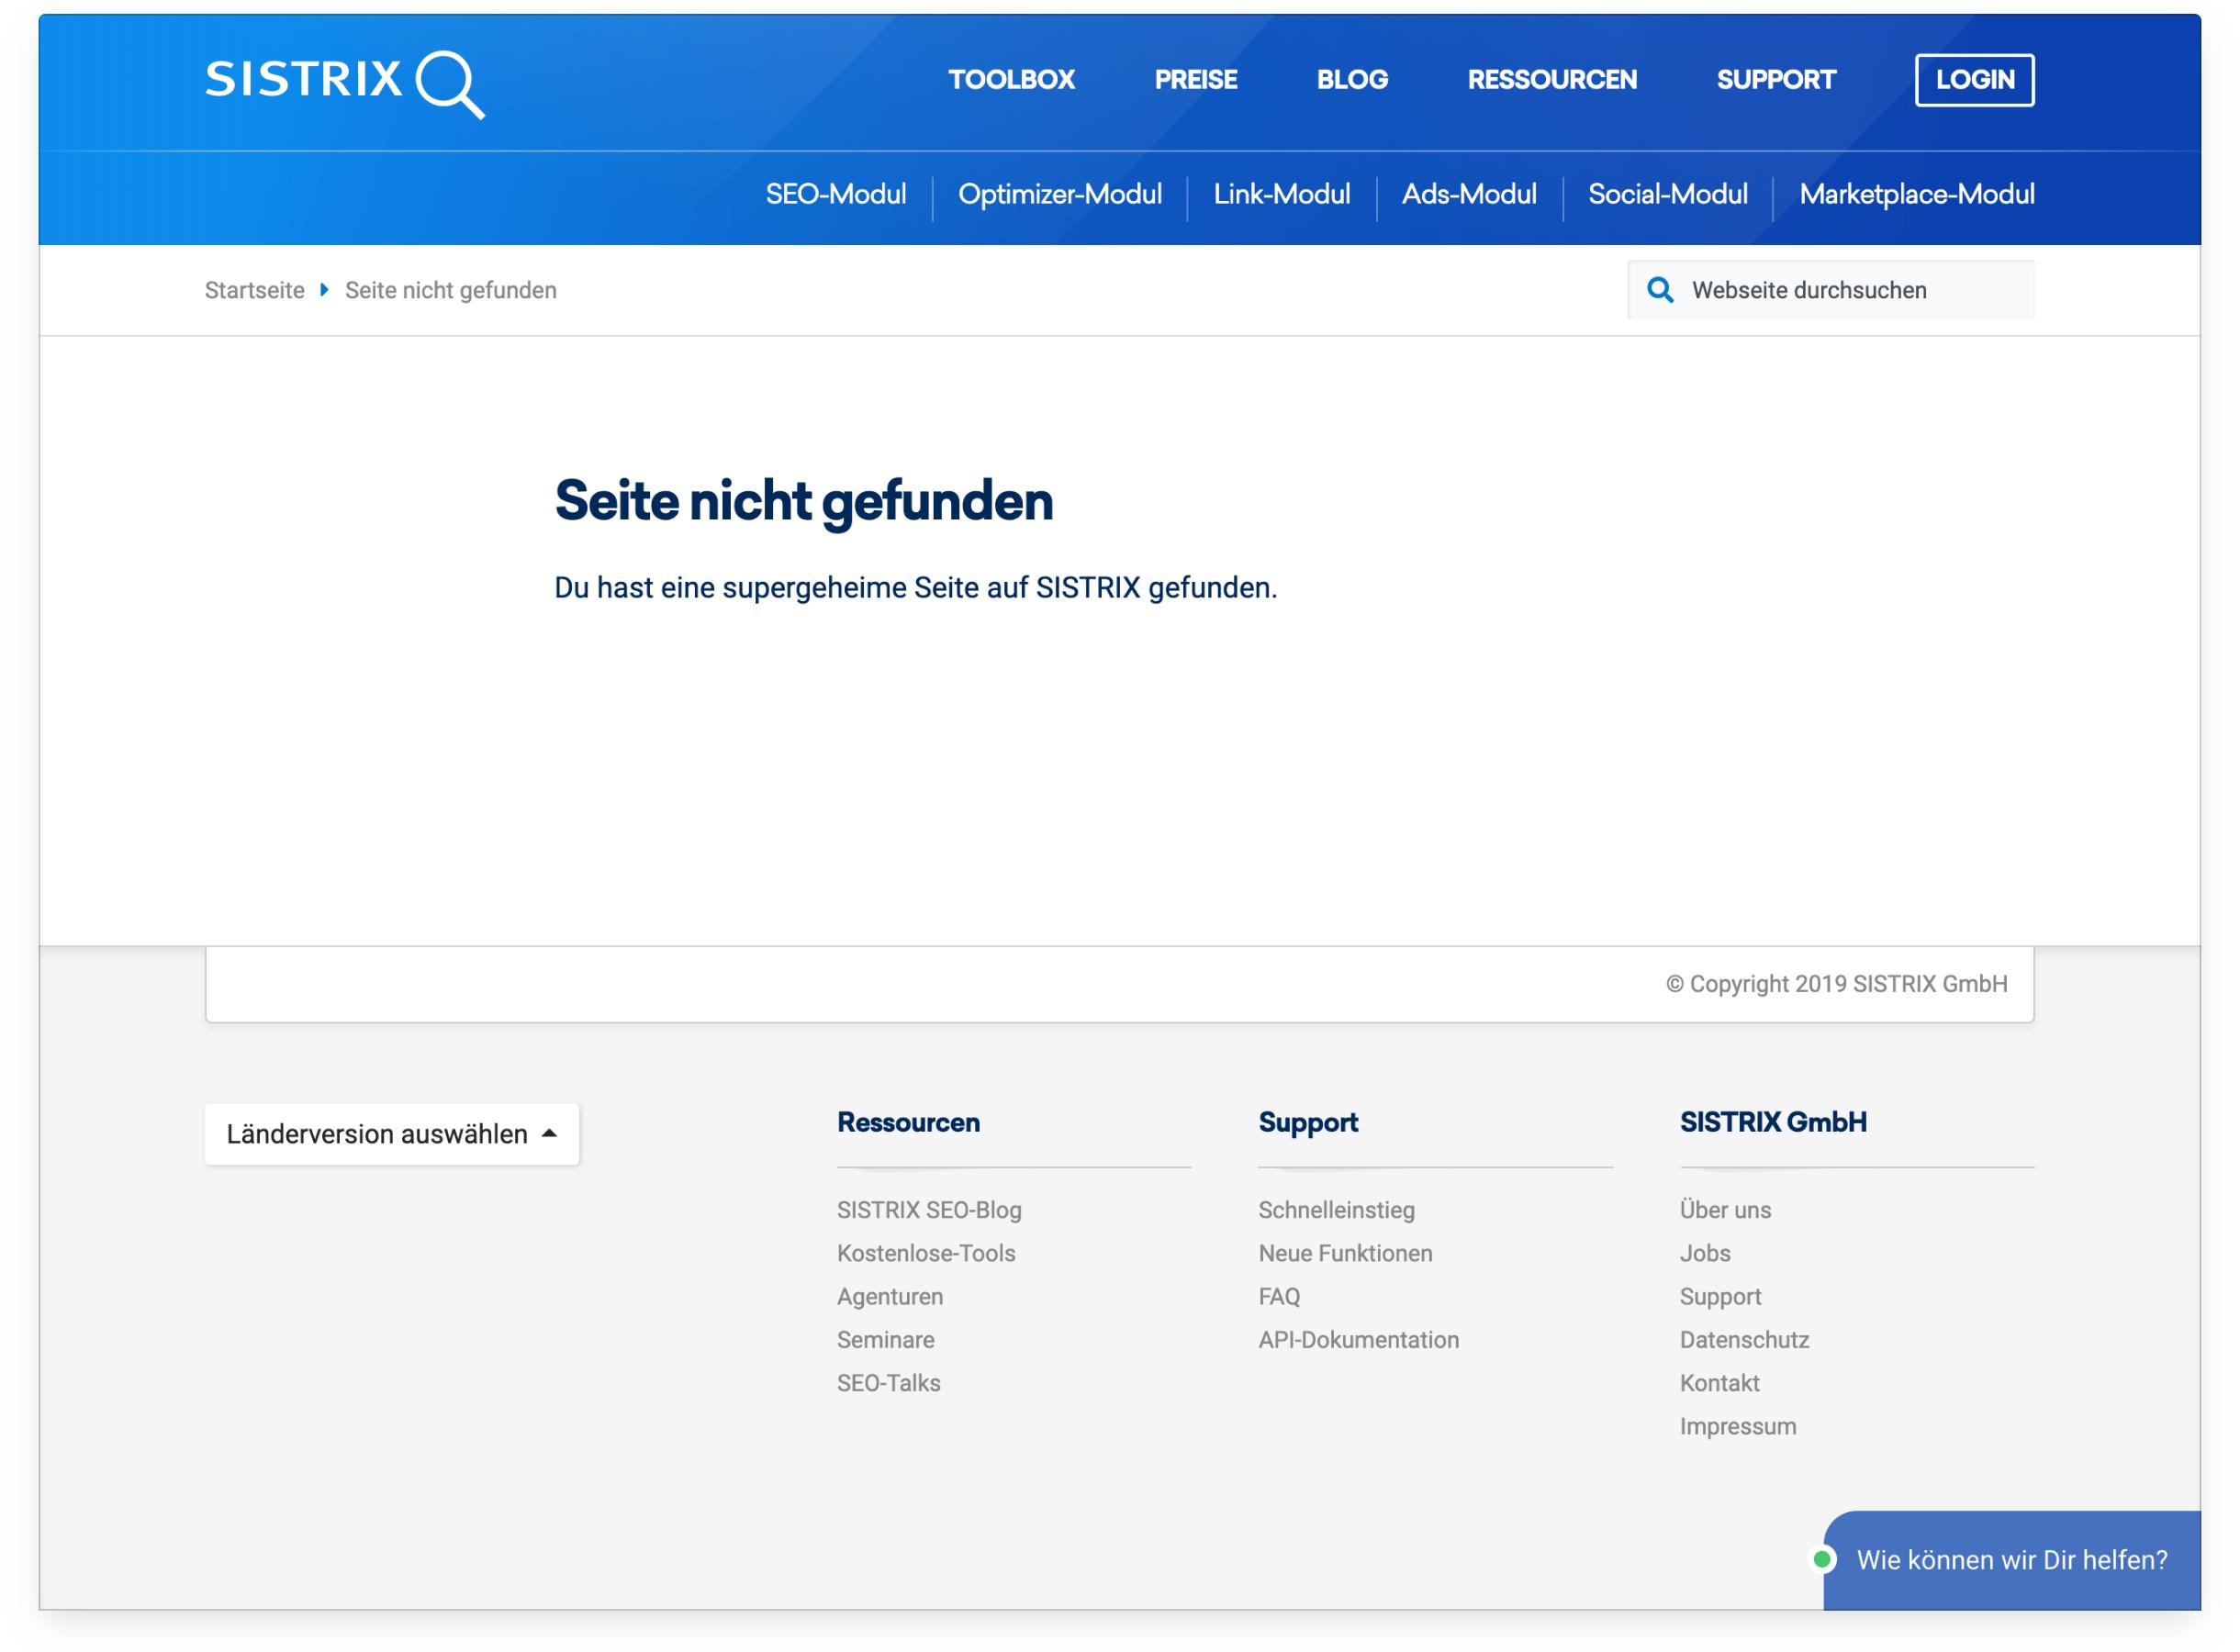 """Ansicht der """"Seite nicht gefunden"""" Seite auf sistrix.de."""